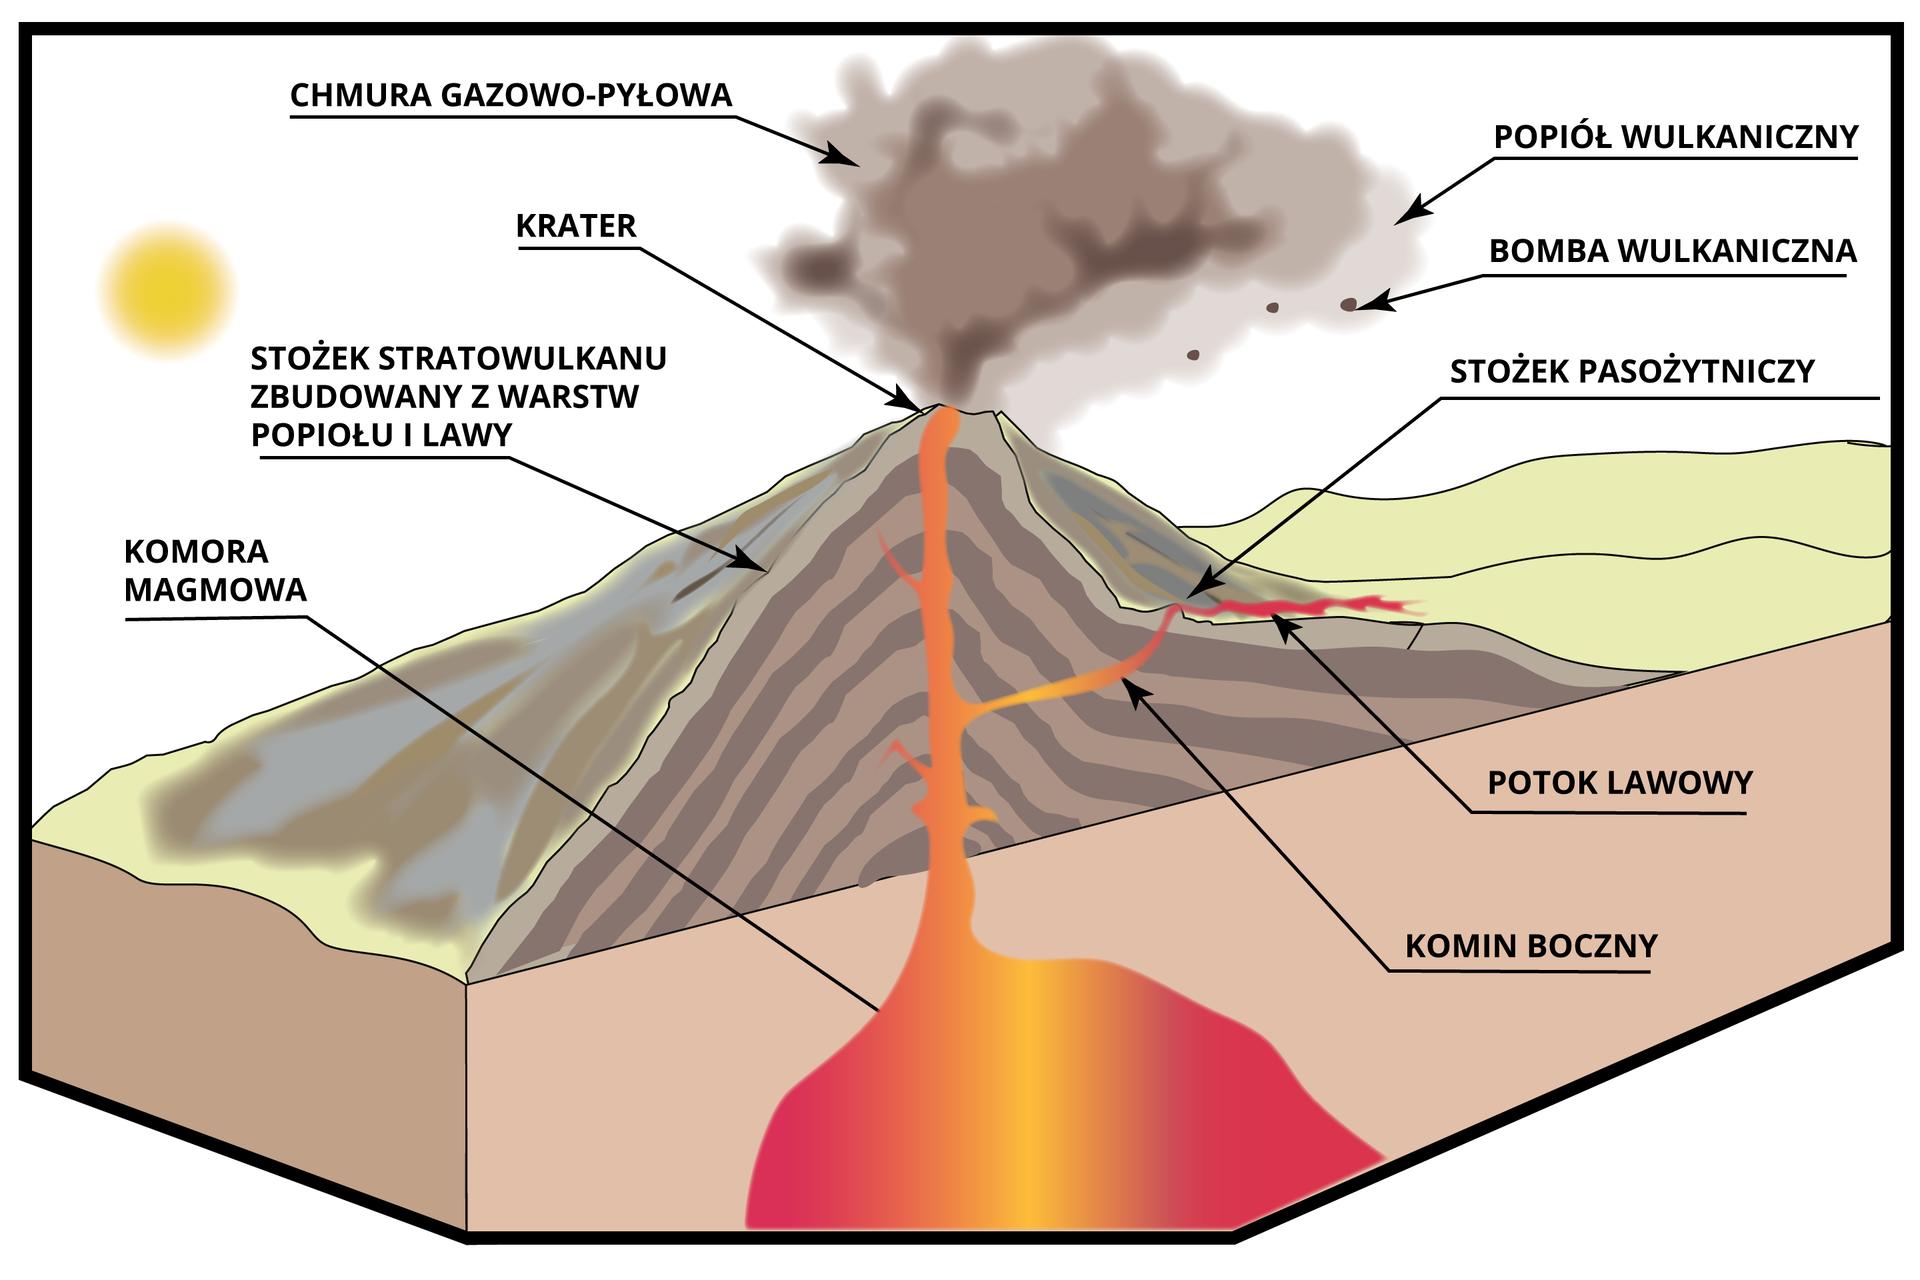 Budowa wulkanu stożkowego,źródło Englishsquare.pl Sp. zo.o., CC BY-SA 3.0.